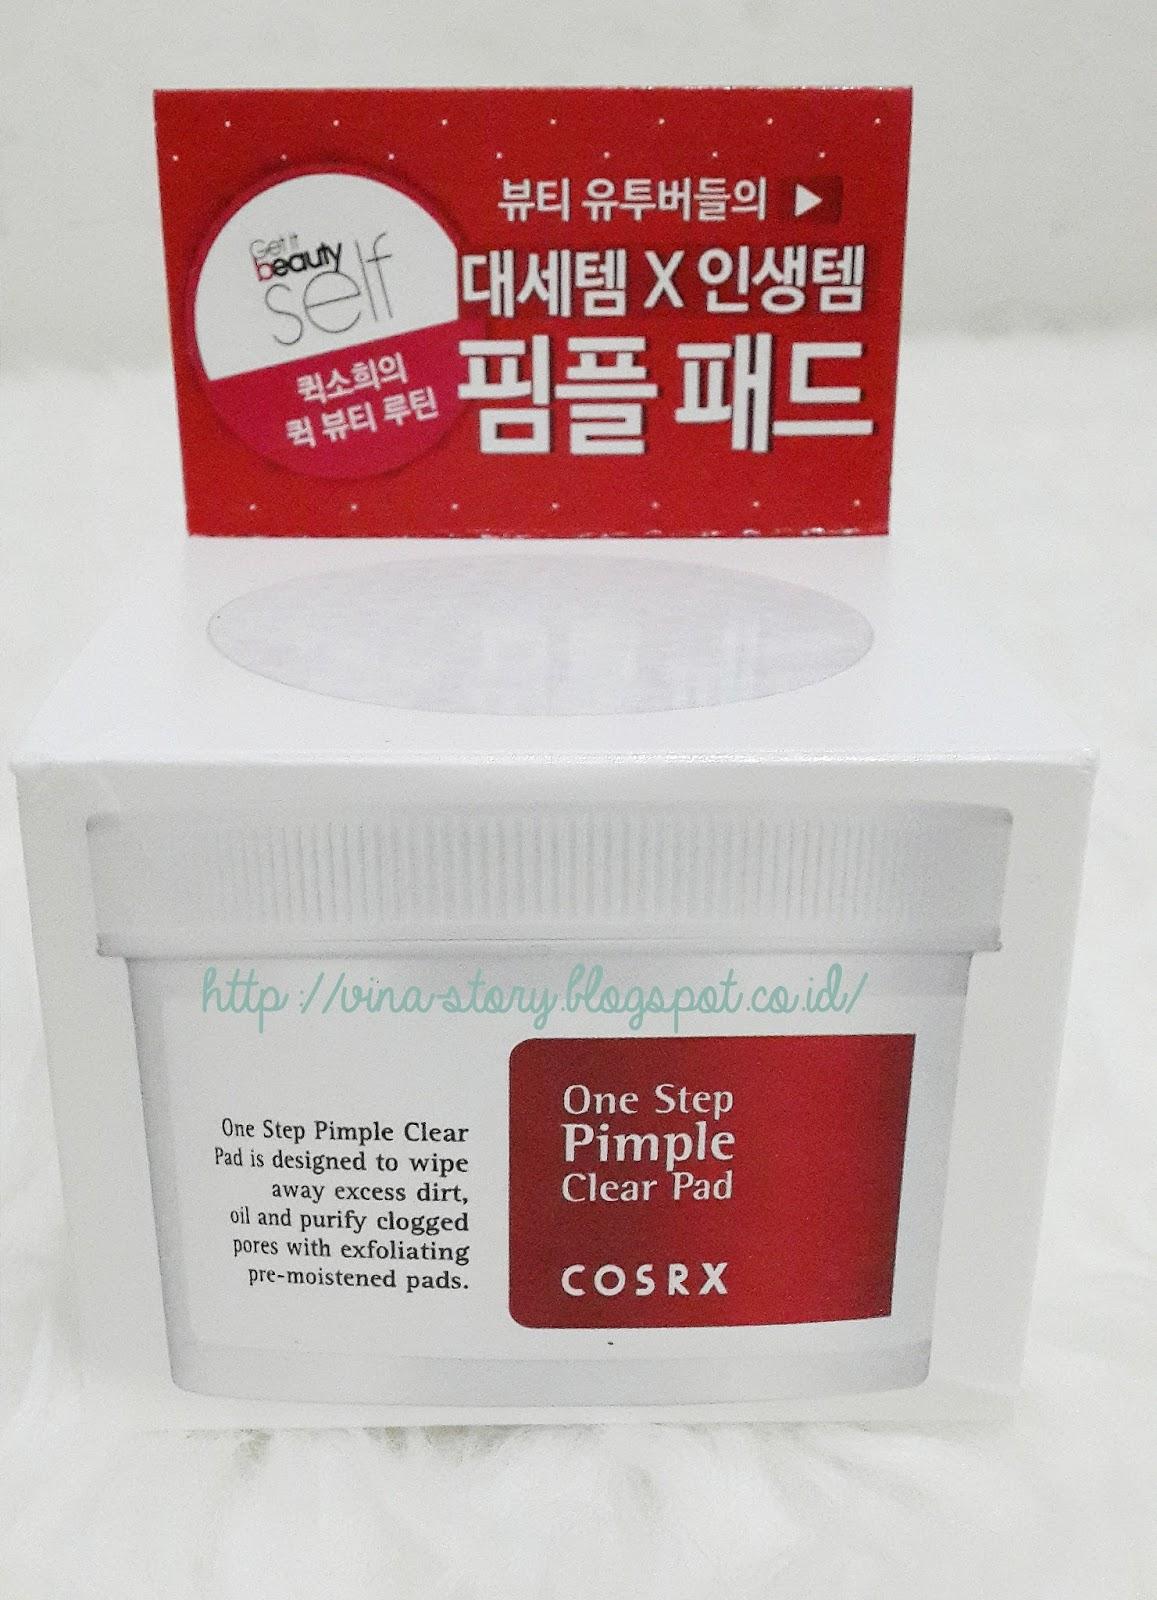 Vina Story Cosrx One Step Pimple Clear Pad Bebaskan Kulitmu 70 Pcs Uniknya Bagian Tutup Atas Box Dilengkapi Dengan Display Yang Sama Persis Aslinya